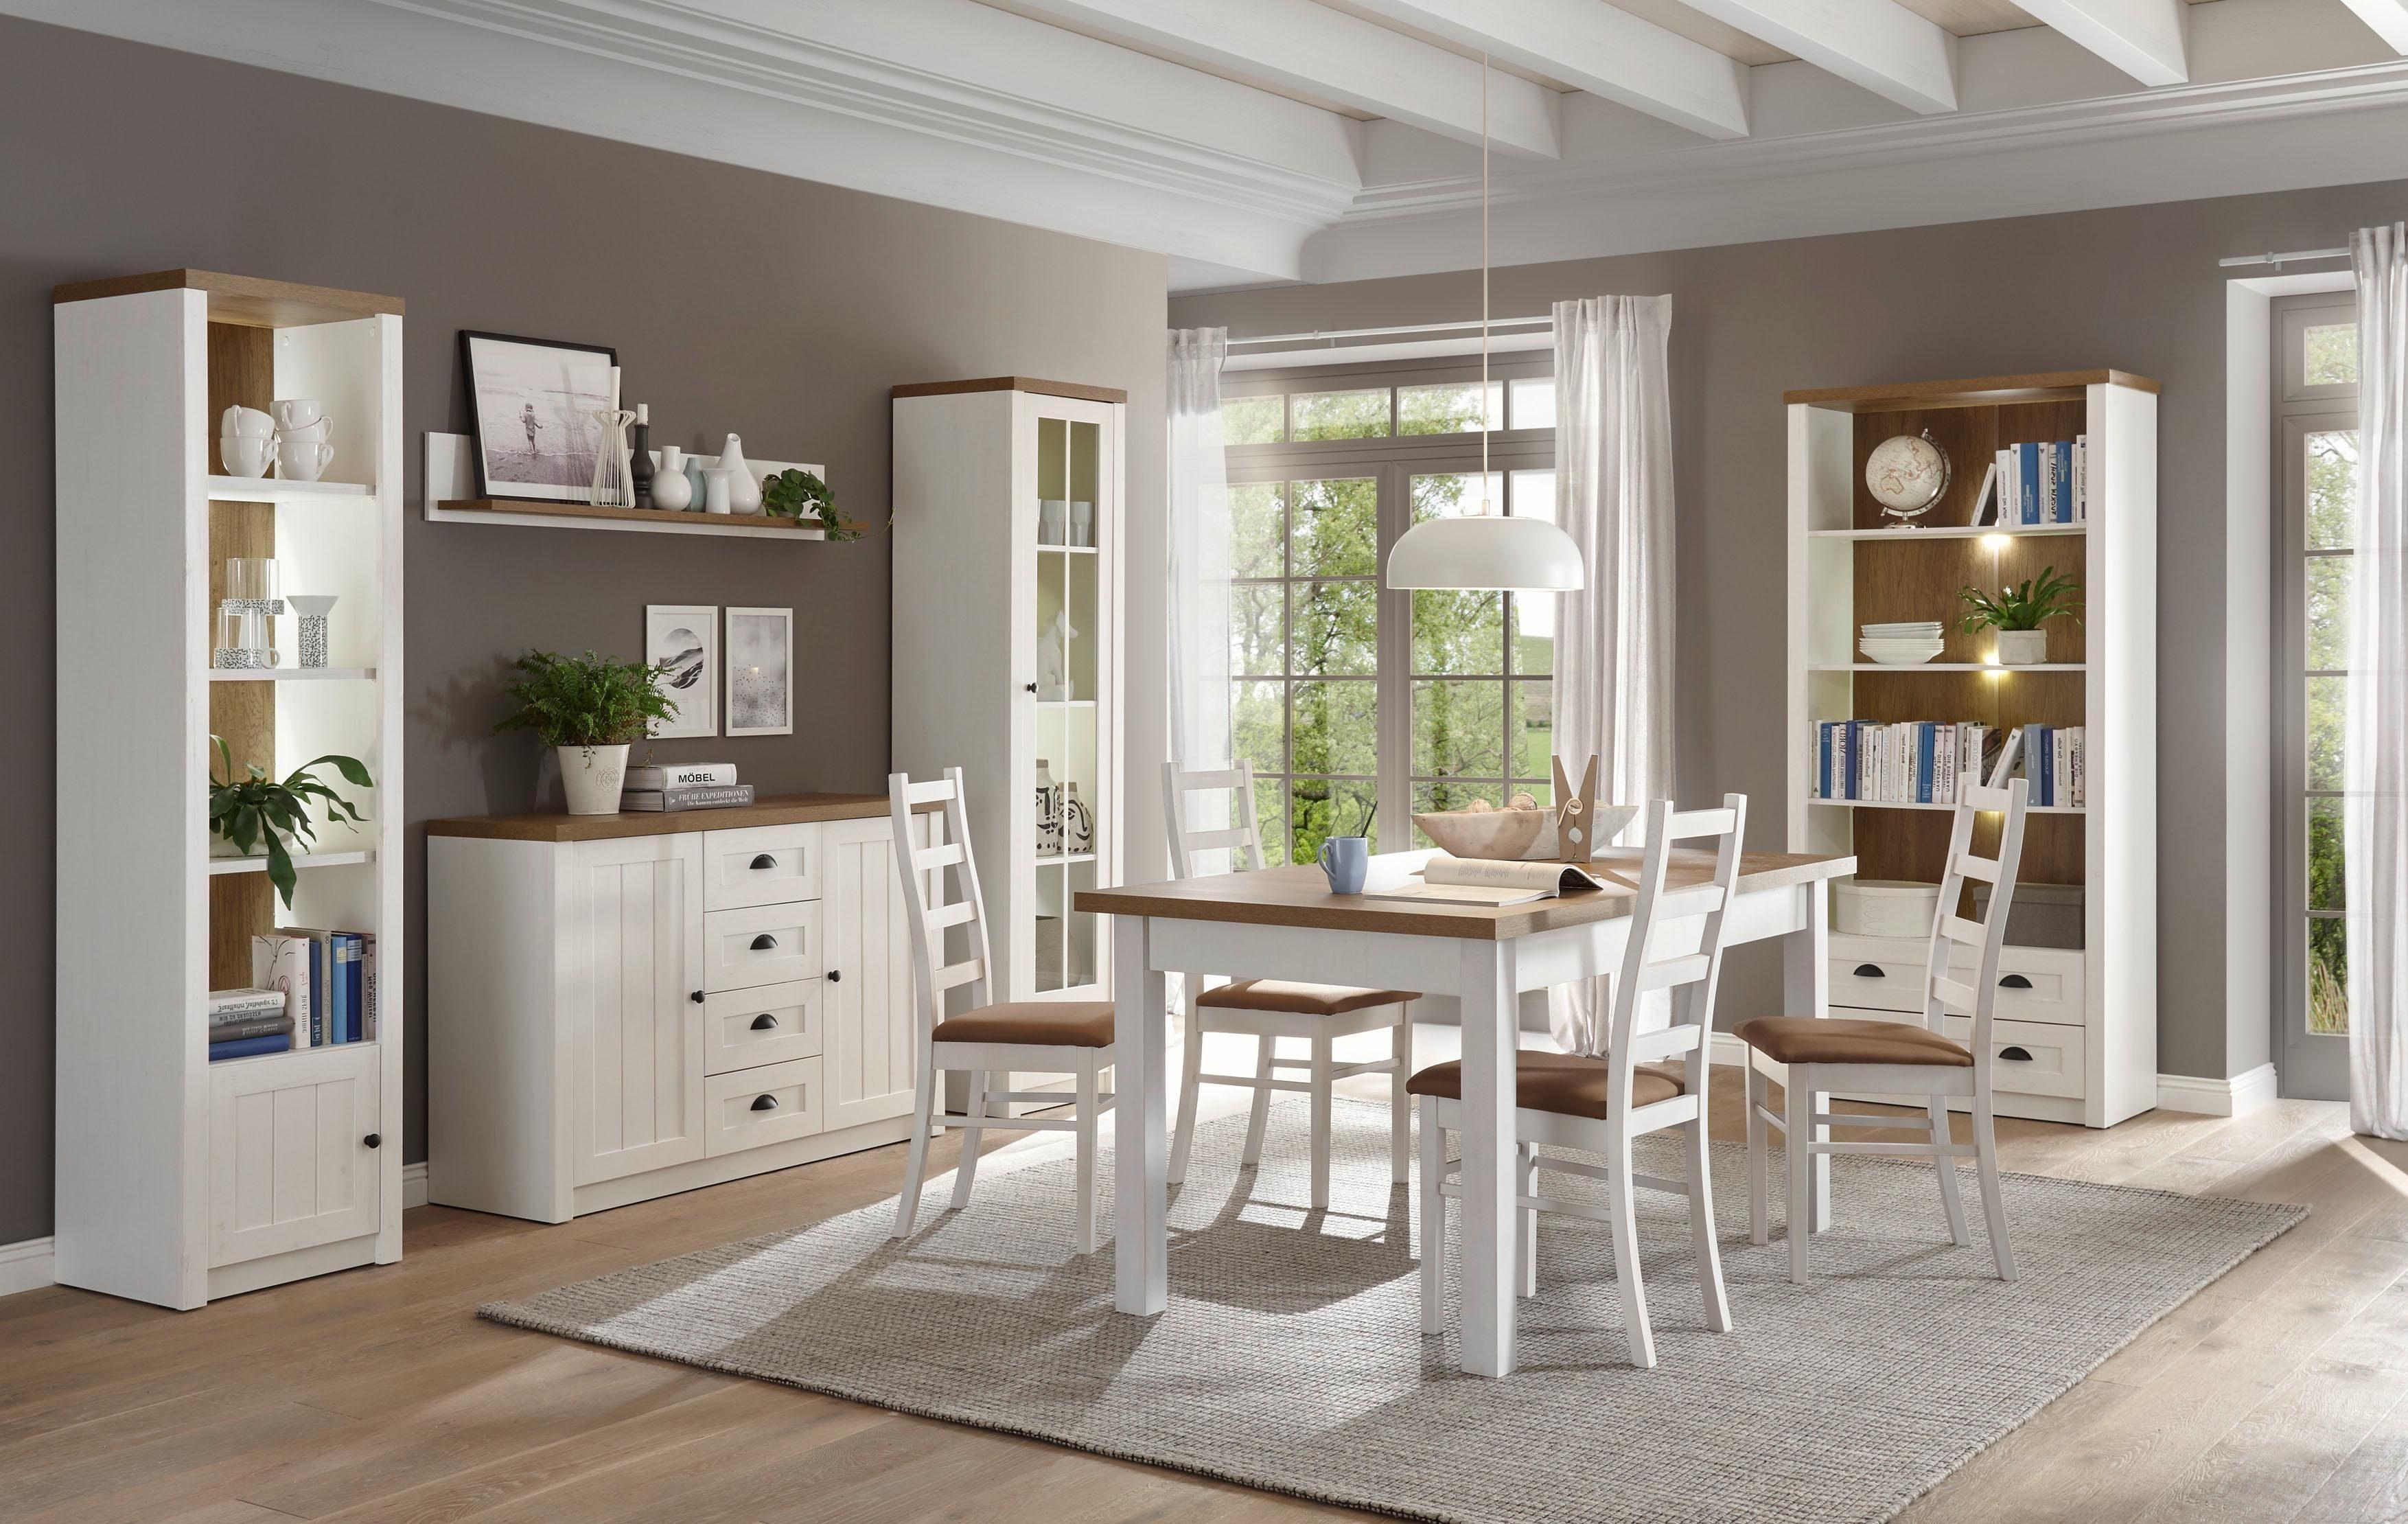 Home affaire Wohnwand »Beauvais«, Set, 4 tlg, im Landhausstil online kaufen   OTTO